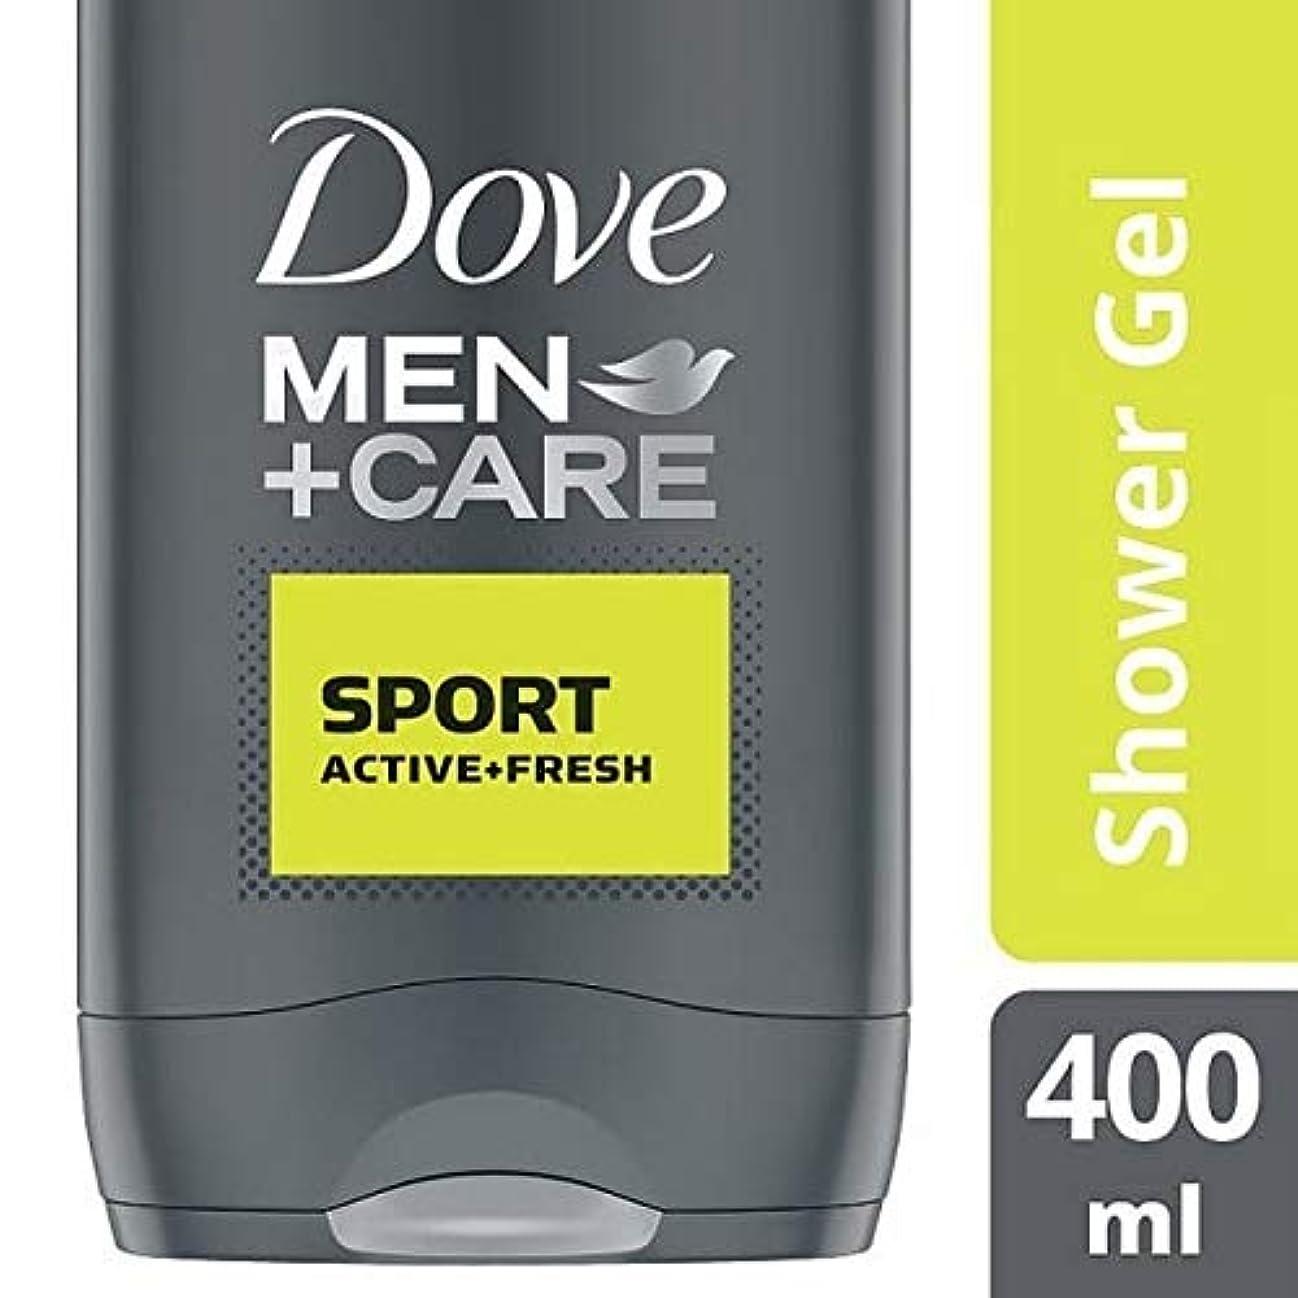 沼地緊張する見通し[Dove ] 鳩の男性+ケアスポーツアクティブ&フレッシュボディウォッシュ400ミリリットル - Dove Men + Care Sport Active & Fresh Bodywash 400ml [並行輸入品]